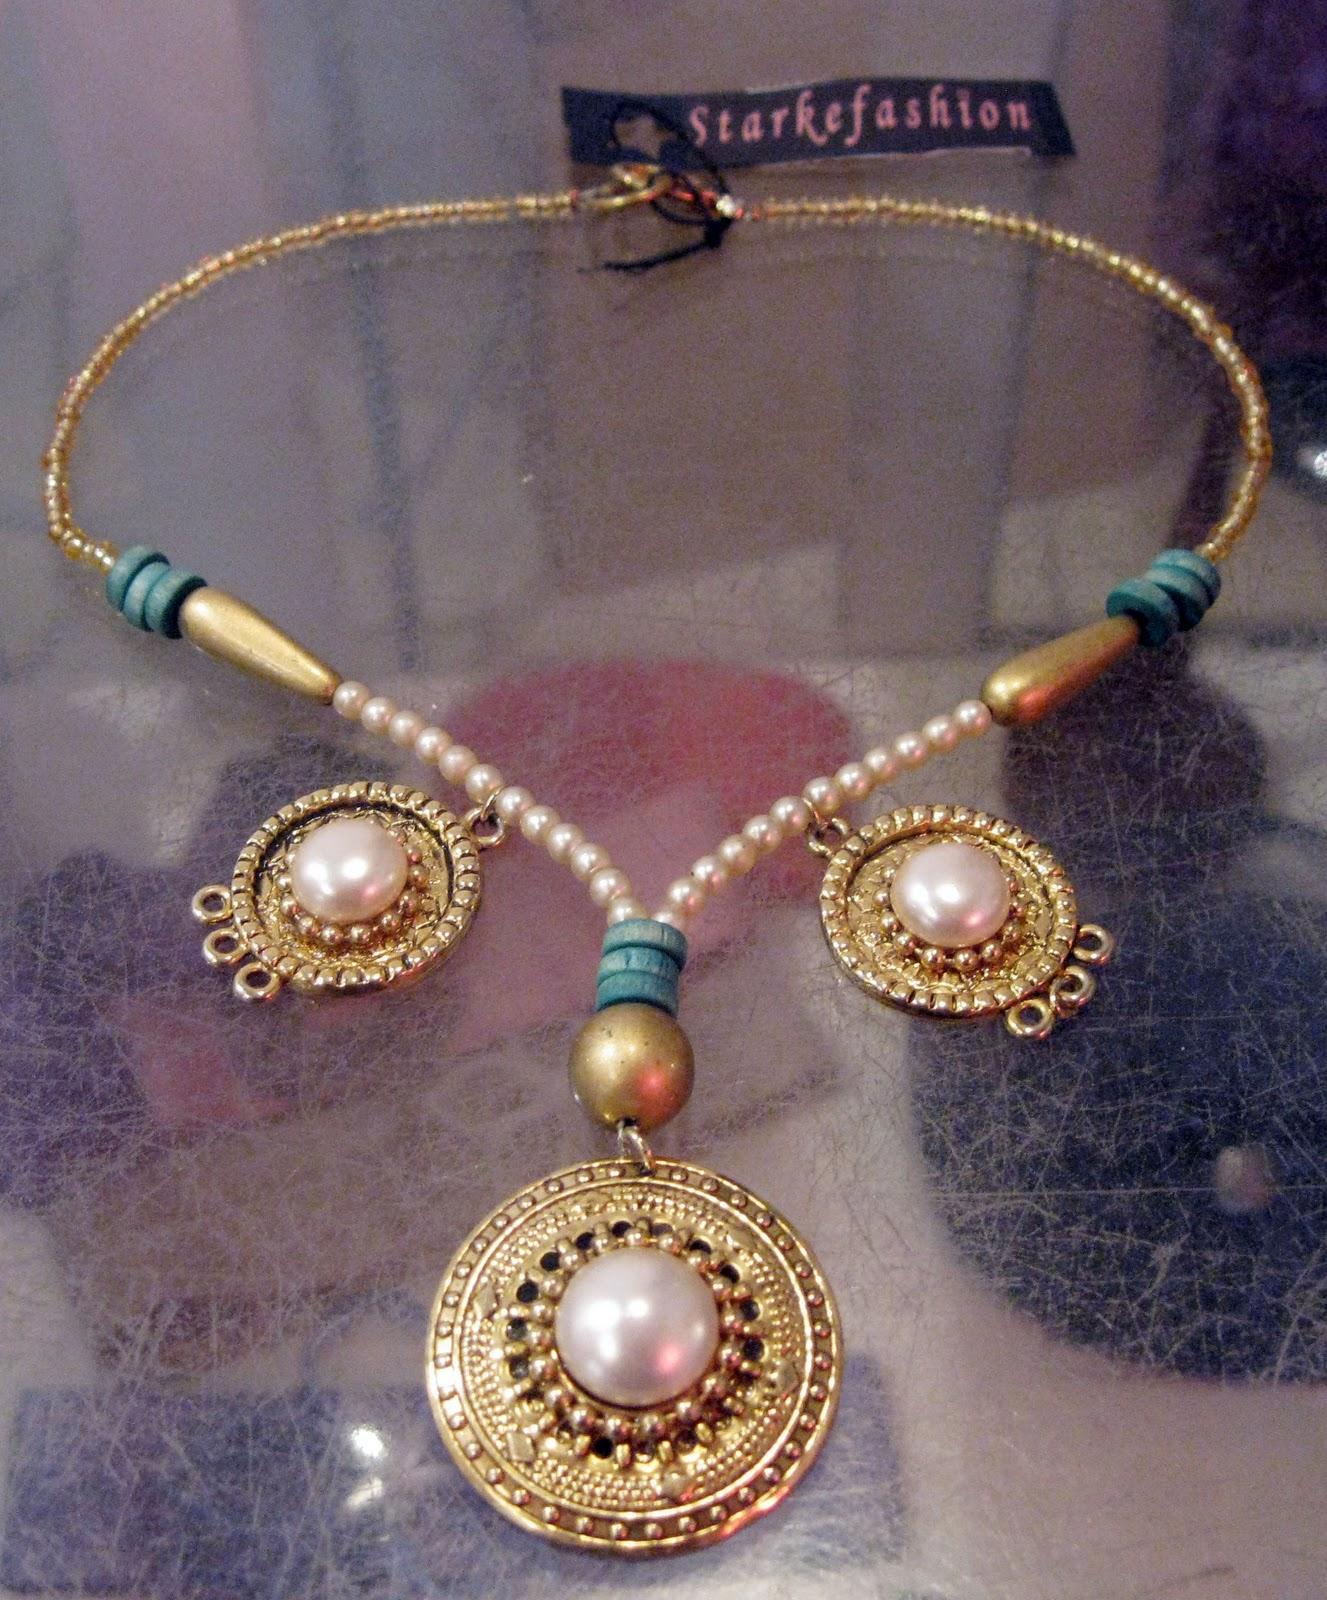 http://3.bp.blogspot.com/_i9IViQYVUqg/TMQ2SmkNSmI/AAAAAAAAA6w/3sy5grfcotY/s1600/Collar+bizantino.jpg